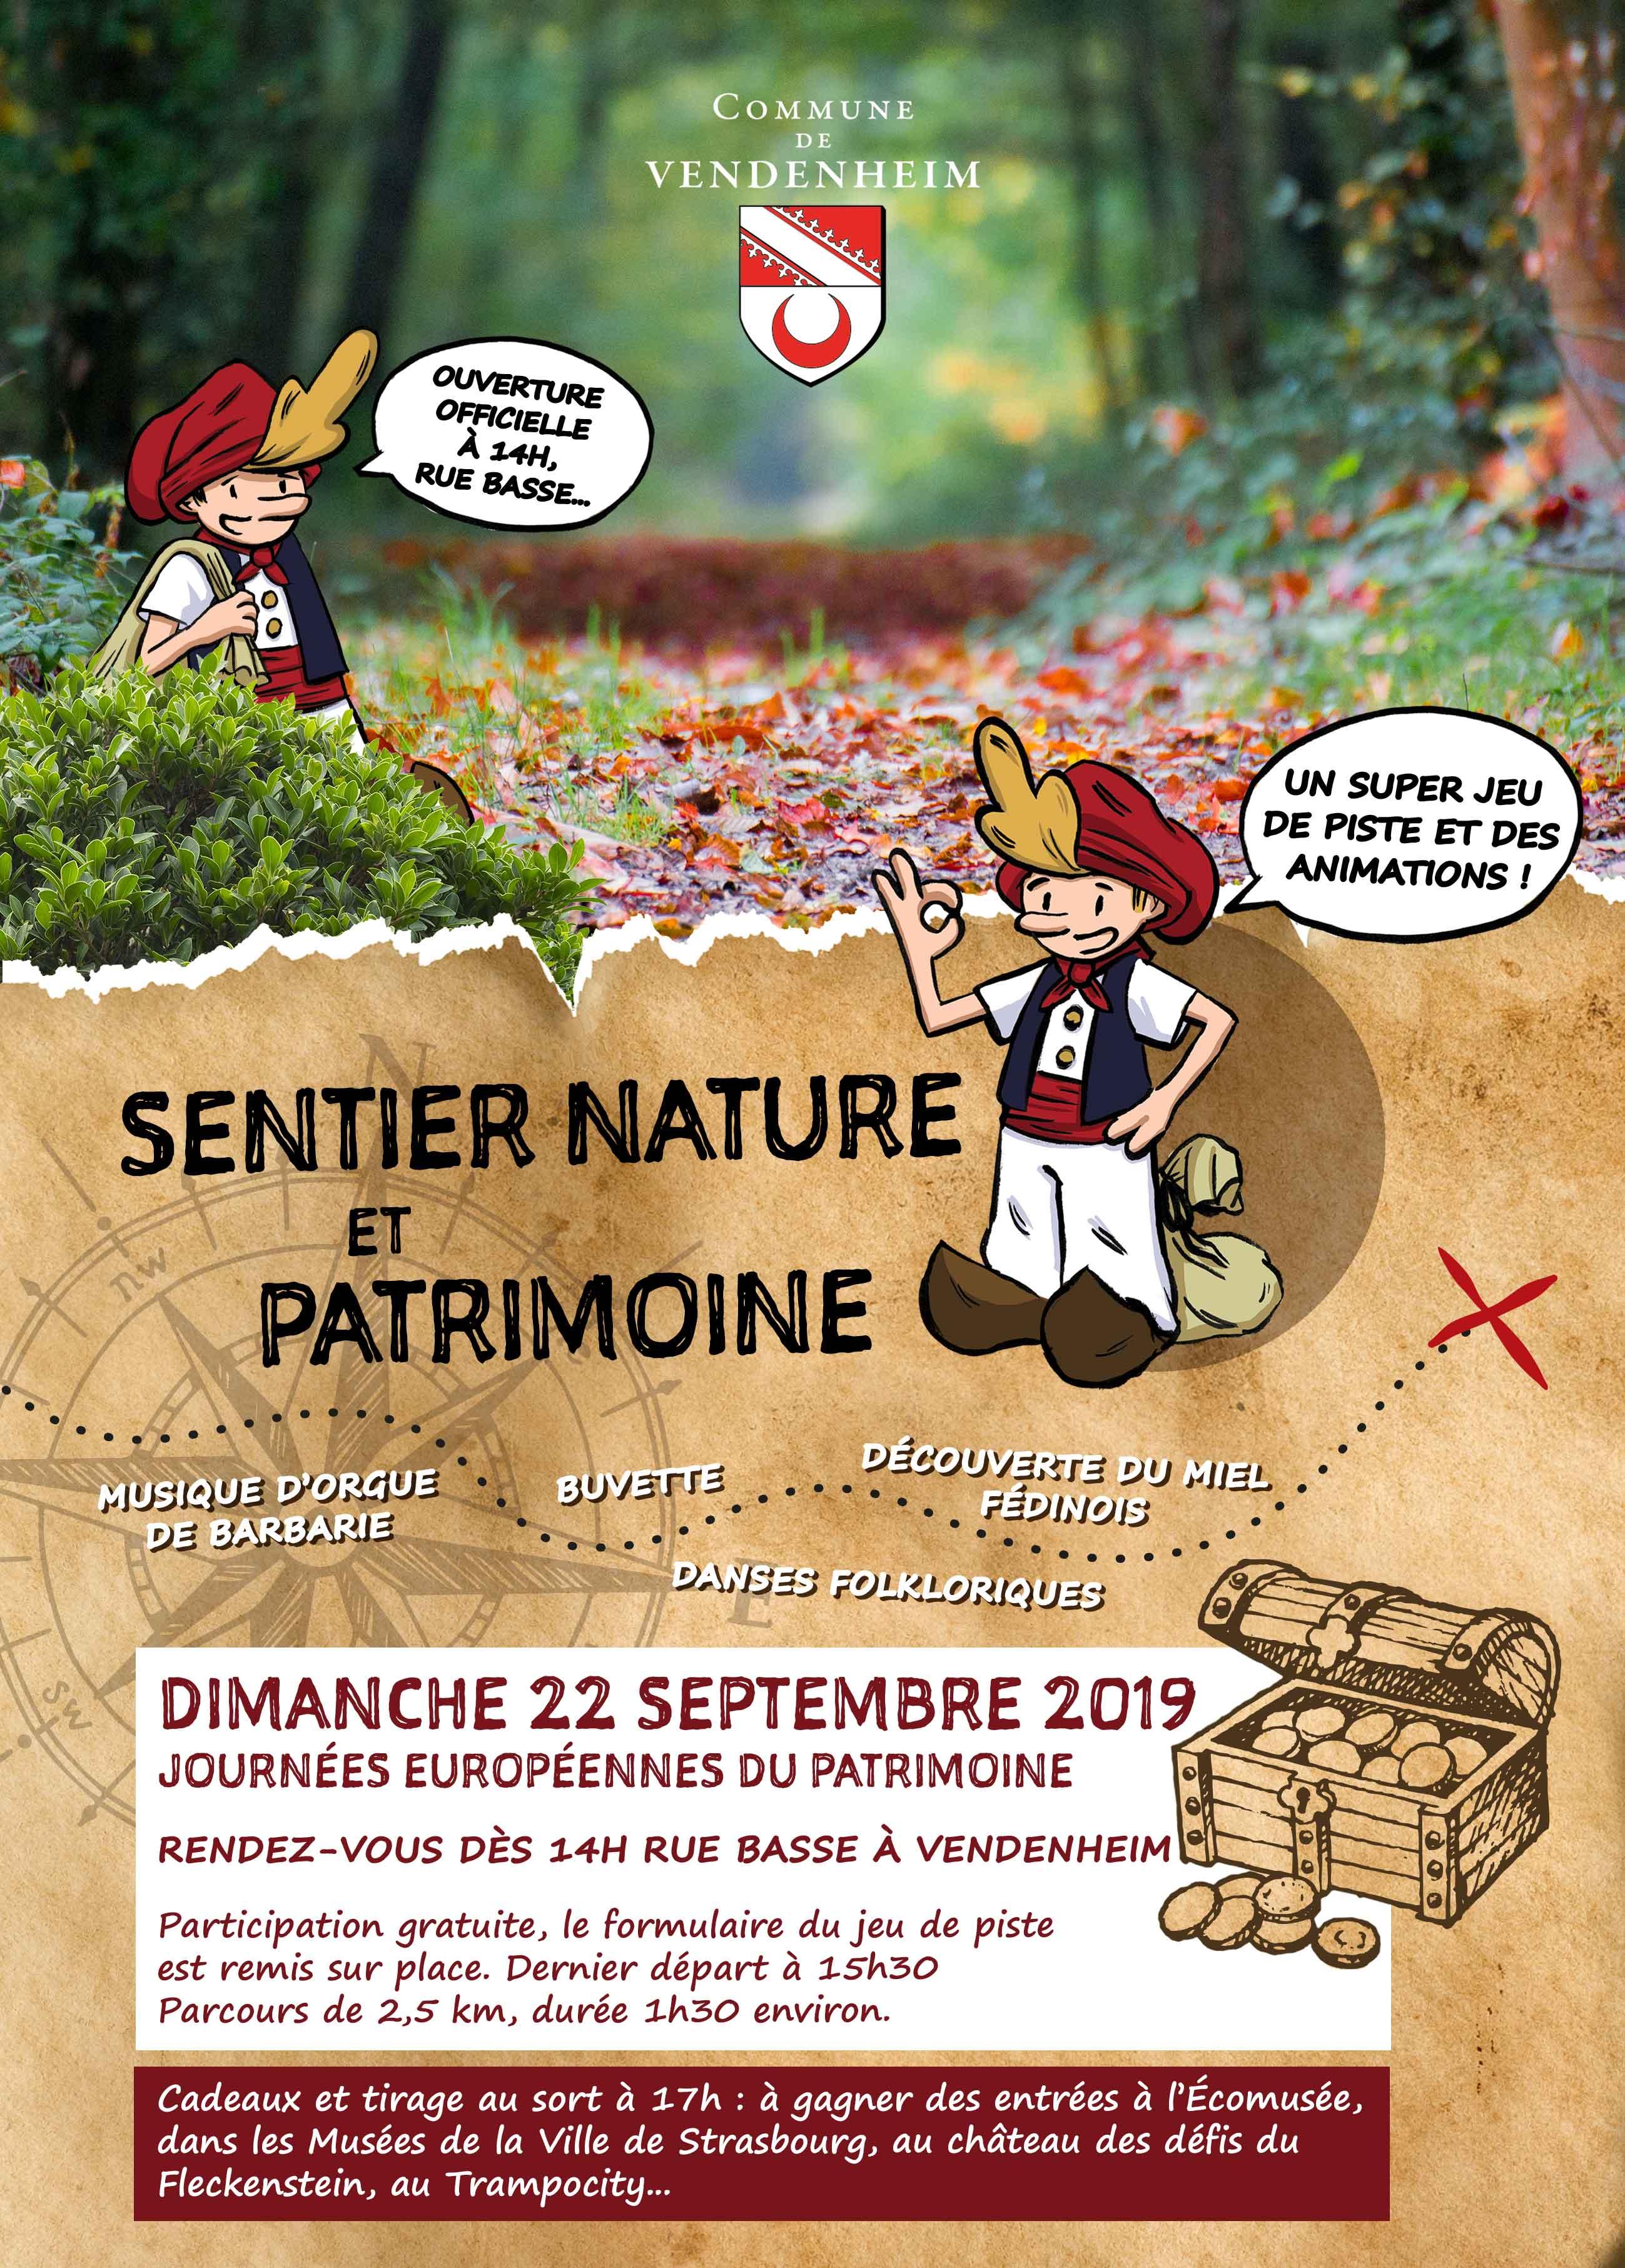 Sentiernature-et-patrimoine_22_sept_2019_lght